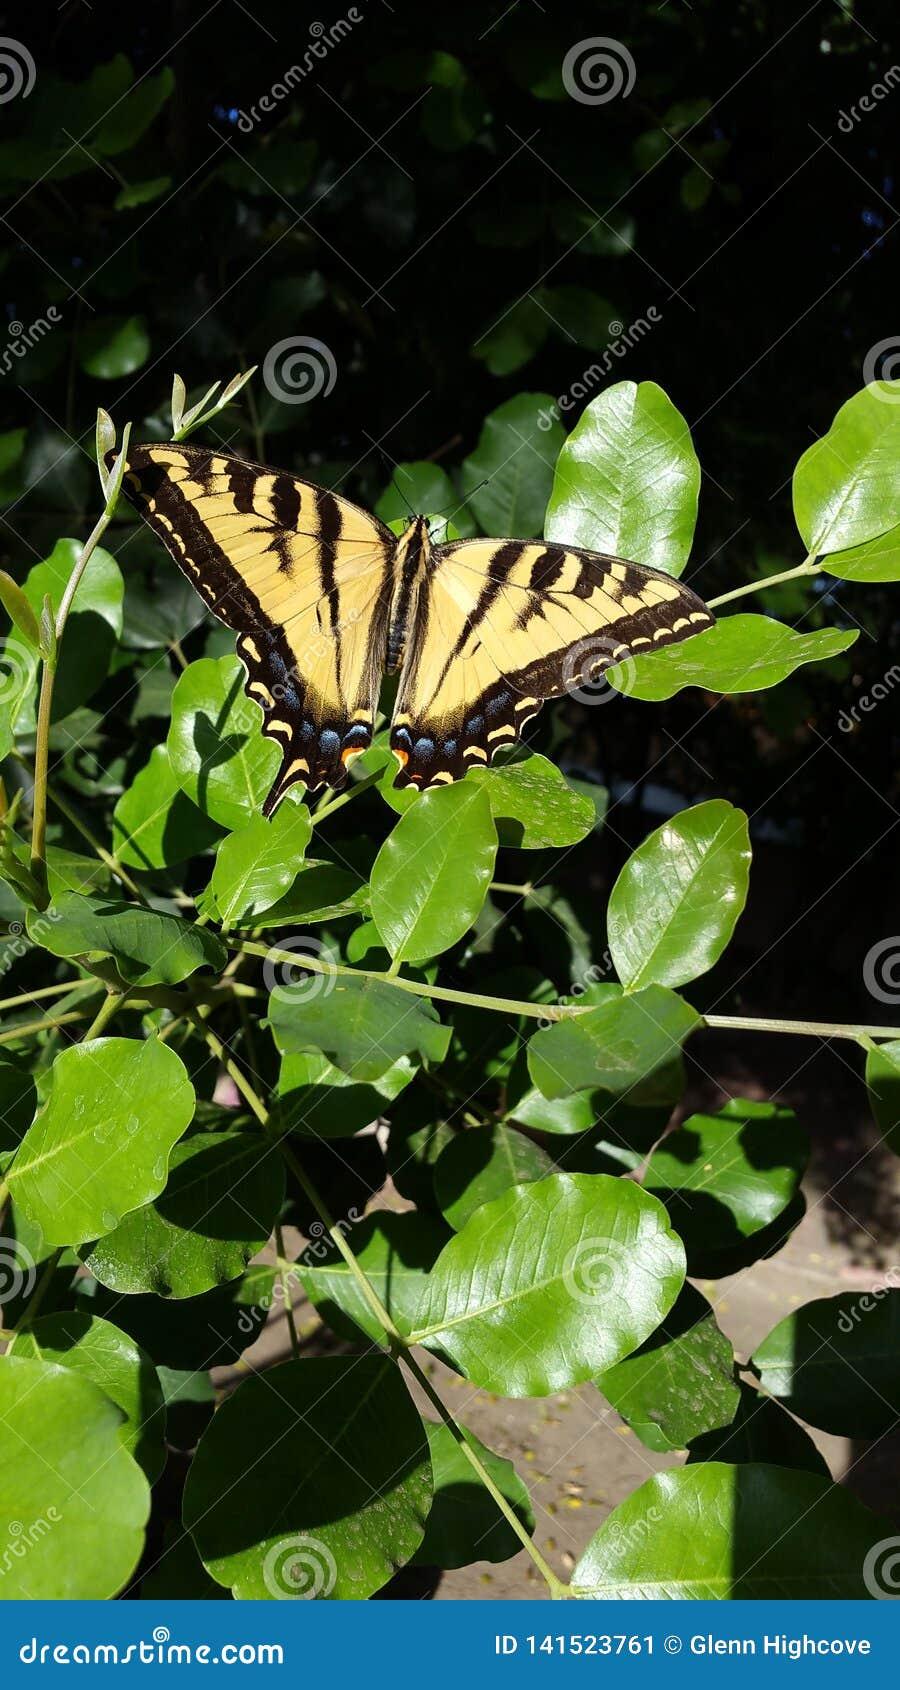 Tiger Swallowtail Butterfly géant sur la haute résolution verte de feuilles